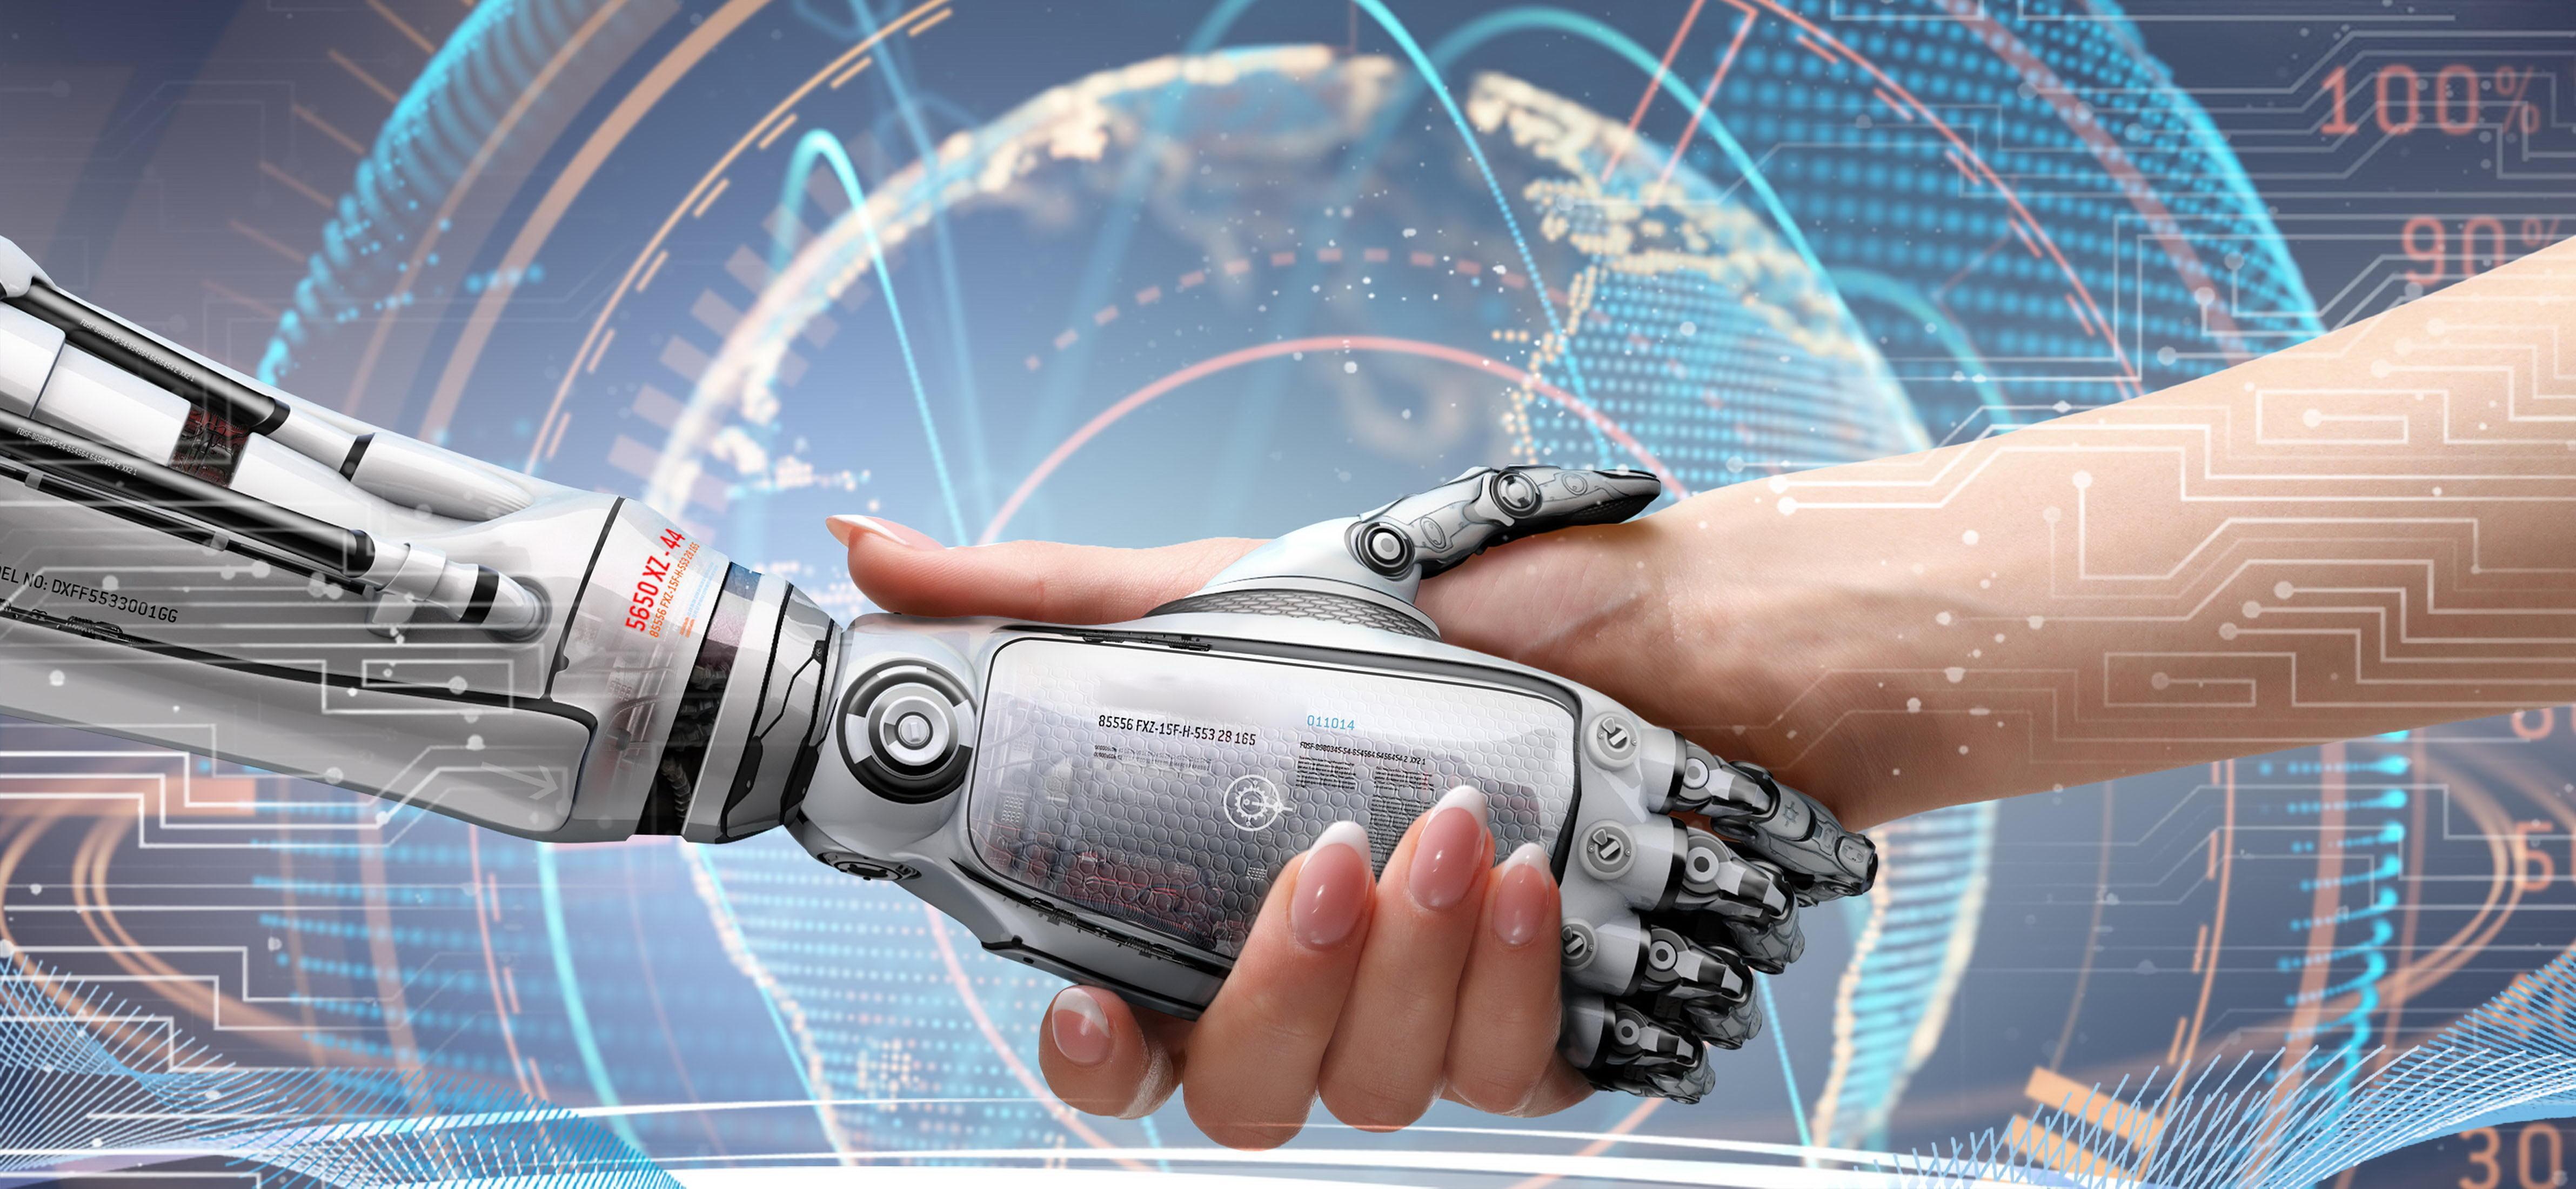 人工智能和智能制造(智能制造与人文的关系)